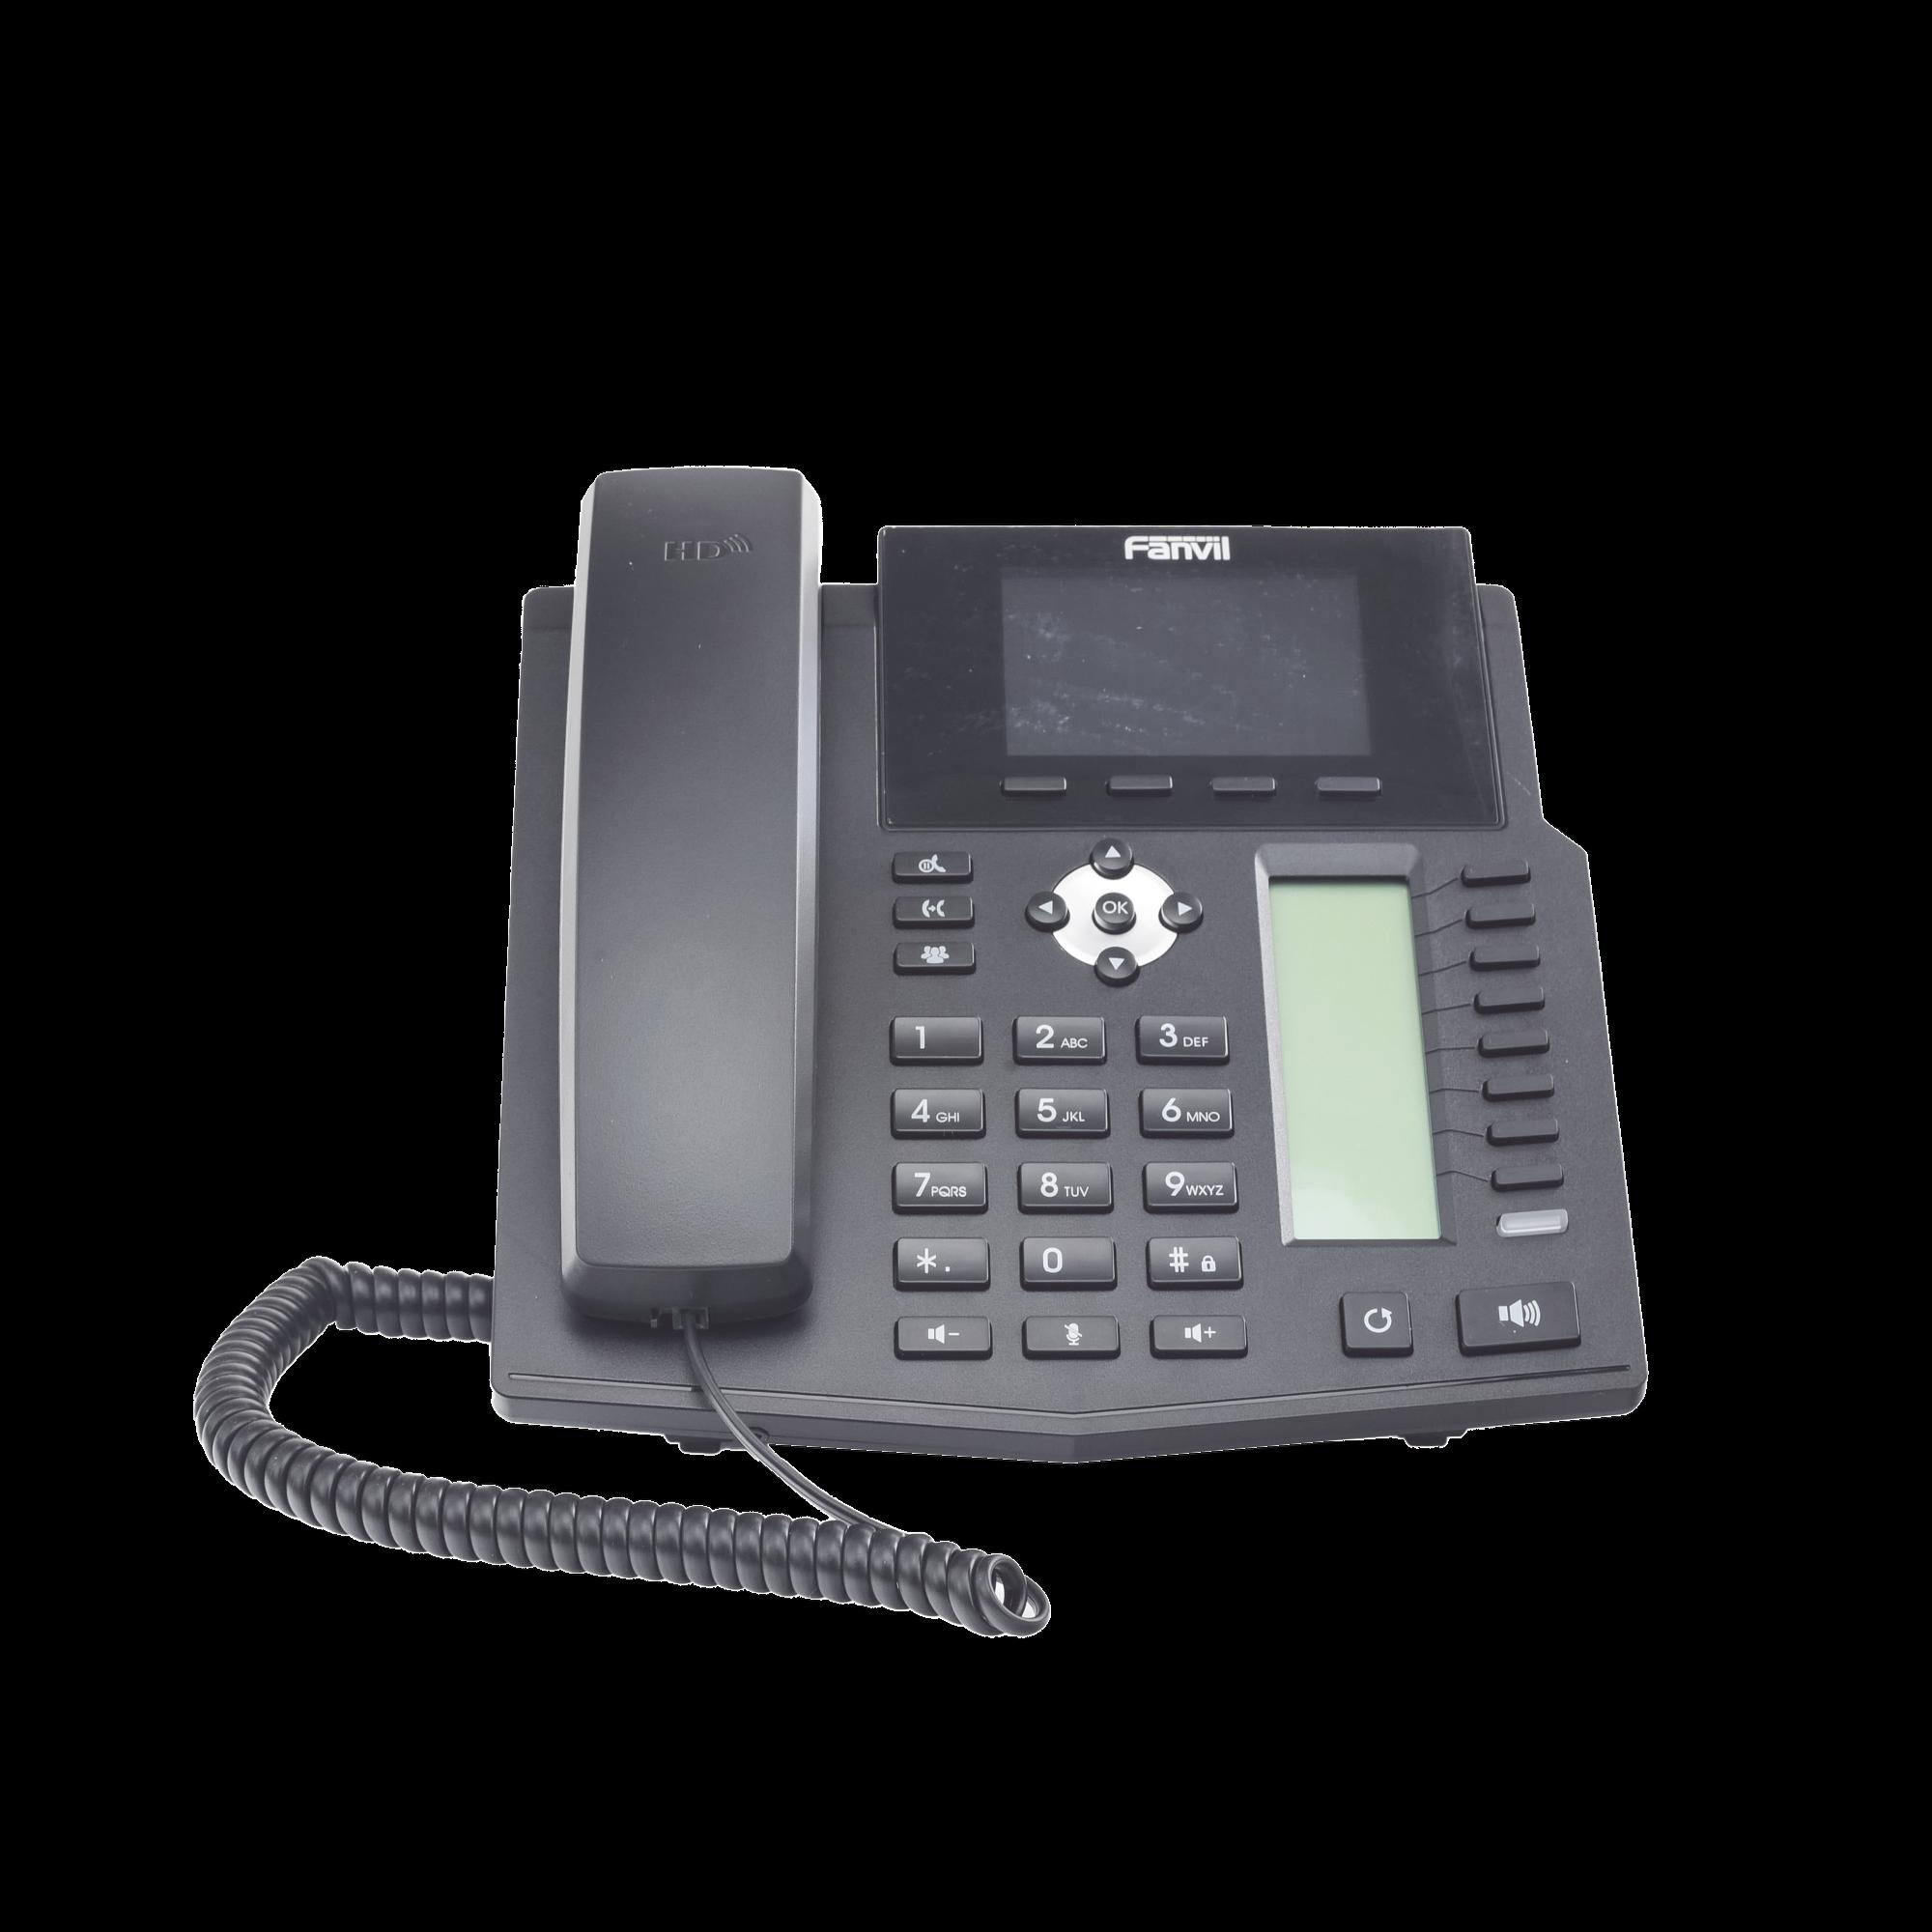 Teléfono IP empresarial para 16 lineas SIP con 2 pantallas LCD a Color, 8 teclas BLF/DSS y conferencia de 3 vías, PoE